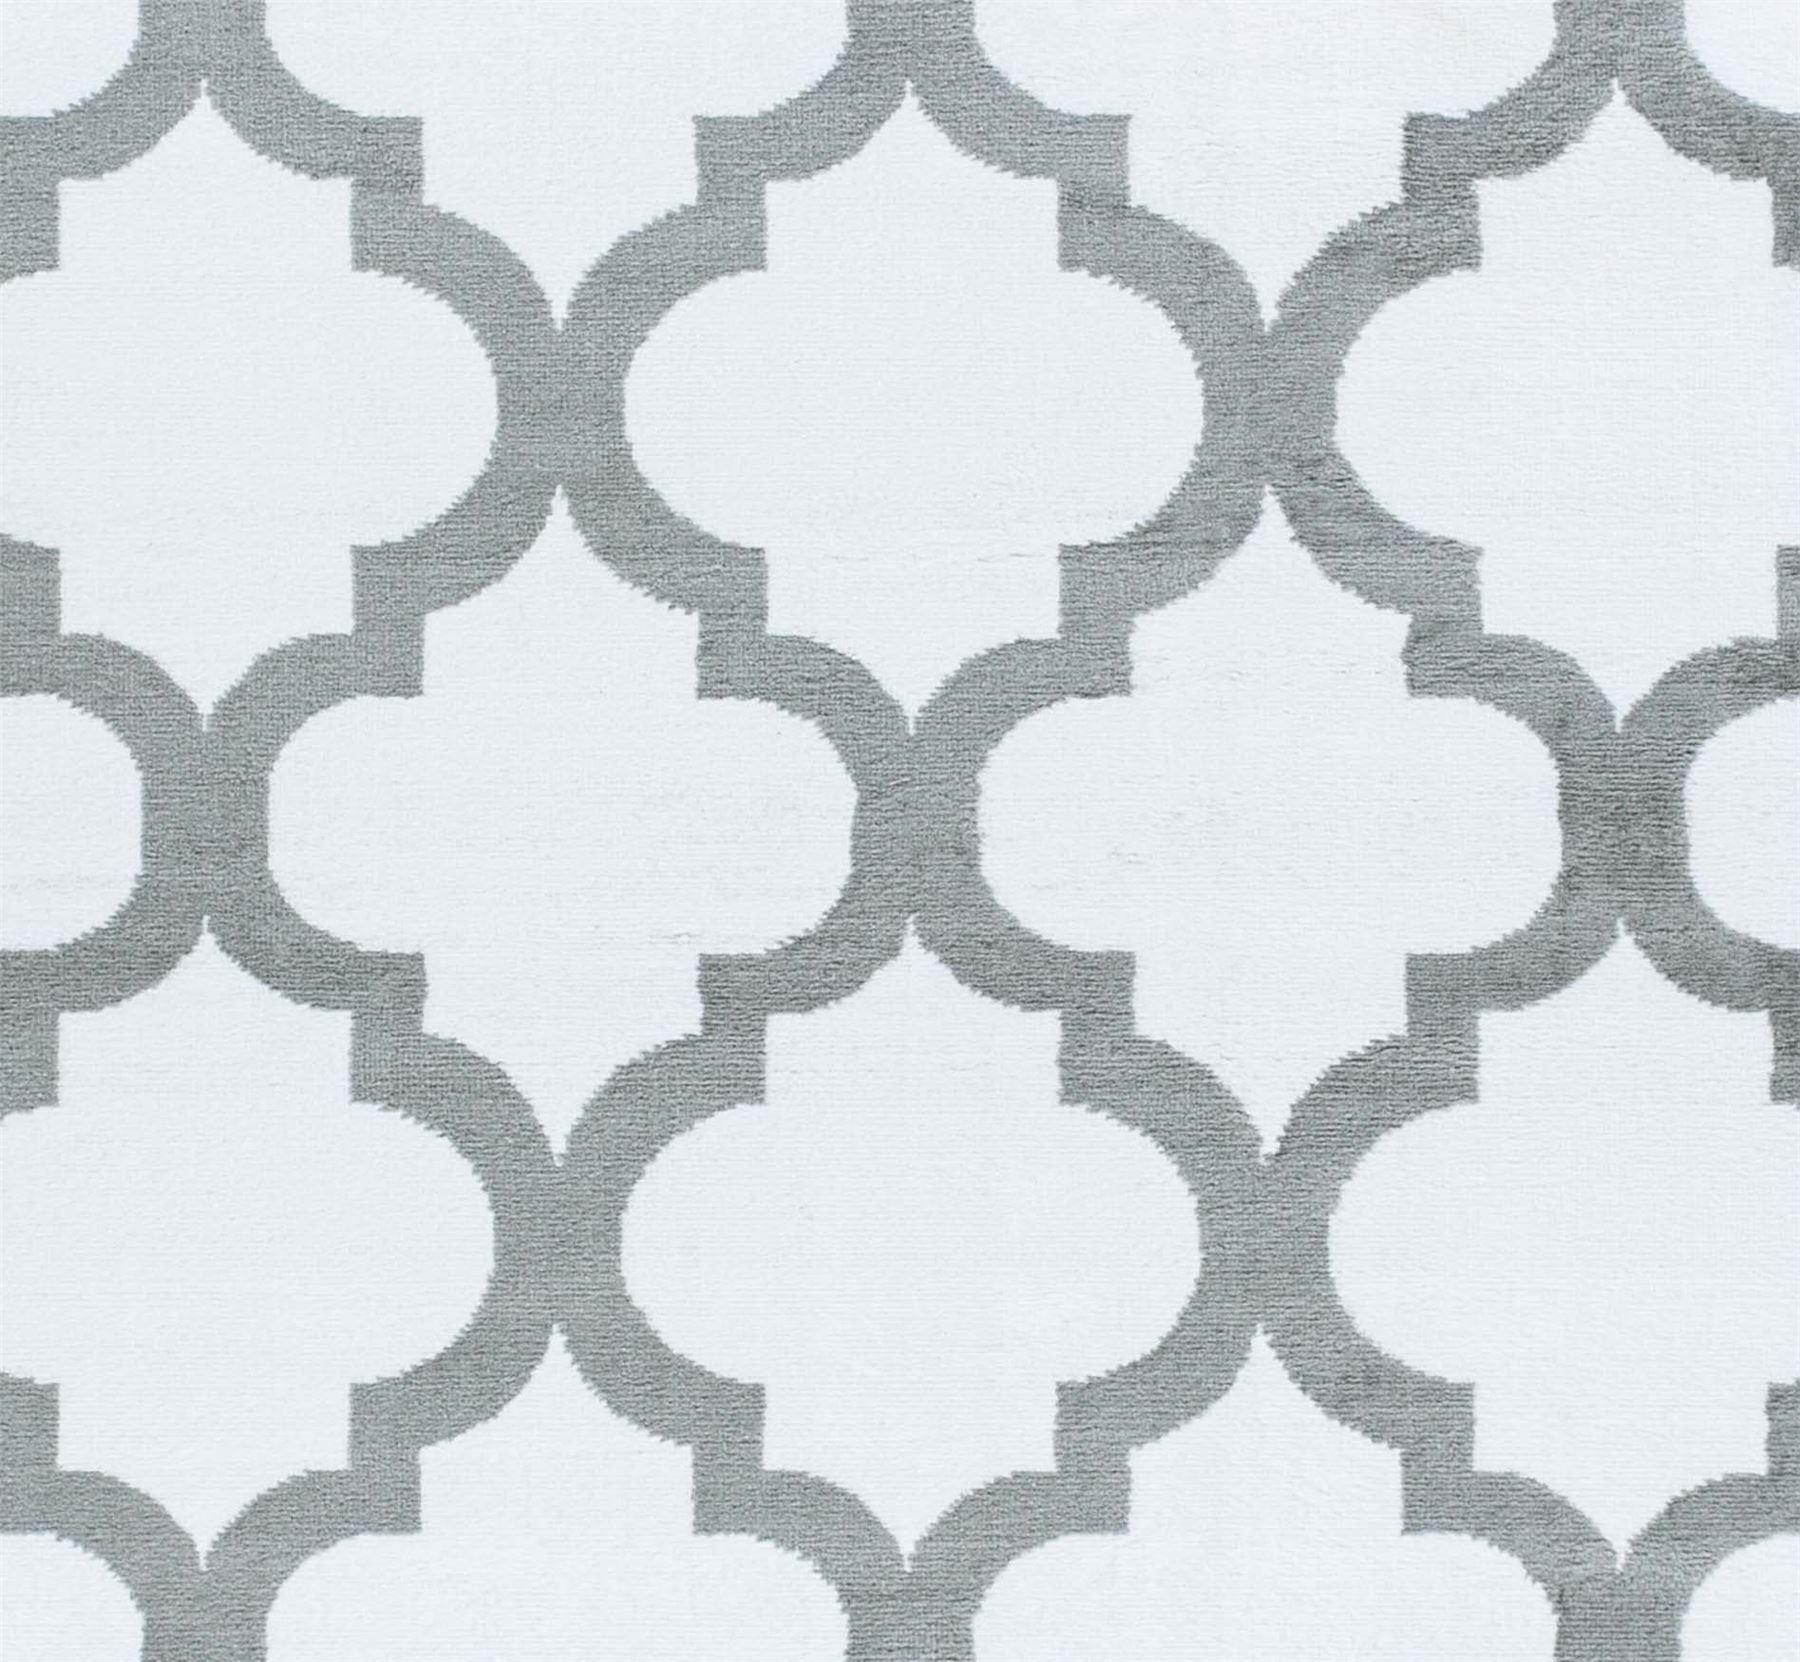 Nero-Rosso-Argento-Bianco-Viola-Moderno-Area-Tappeto-Traliccio-DESIGN-CUCINA-outdoorrug miniatura 33